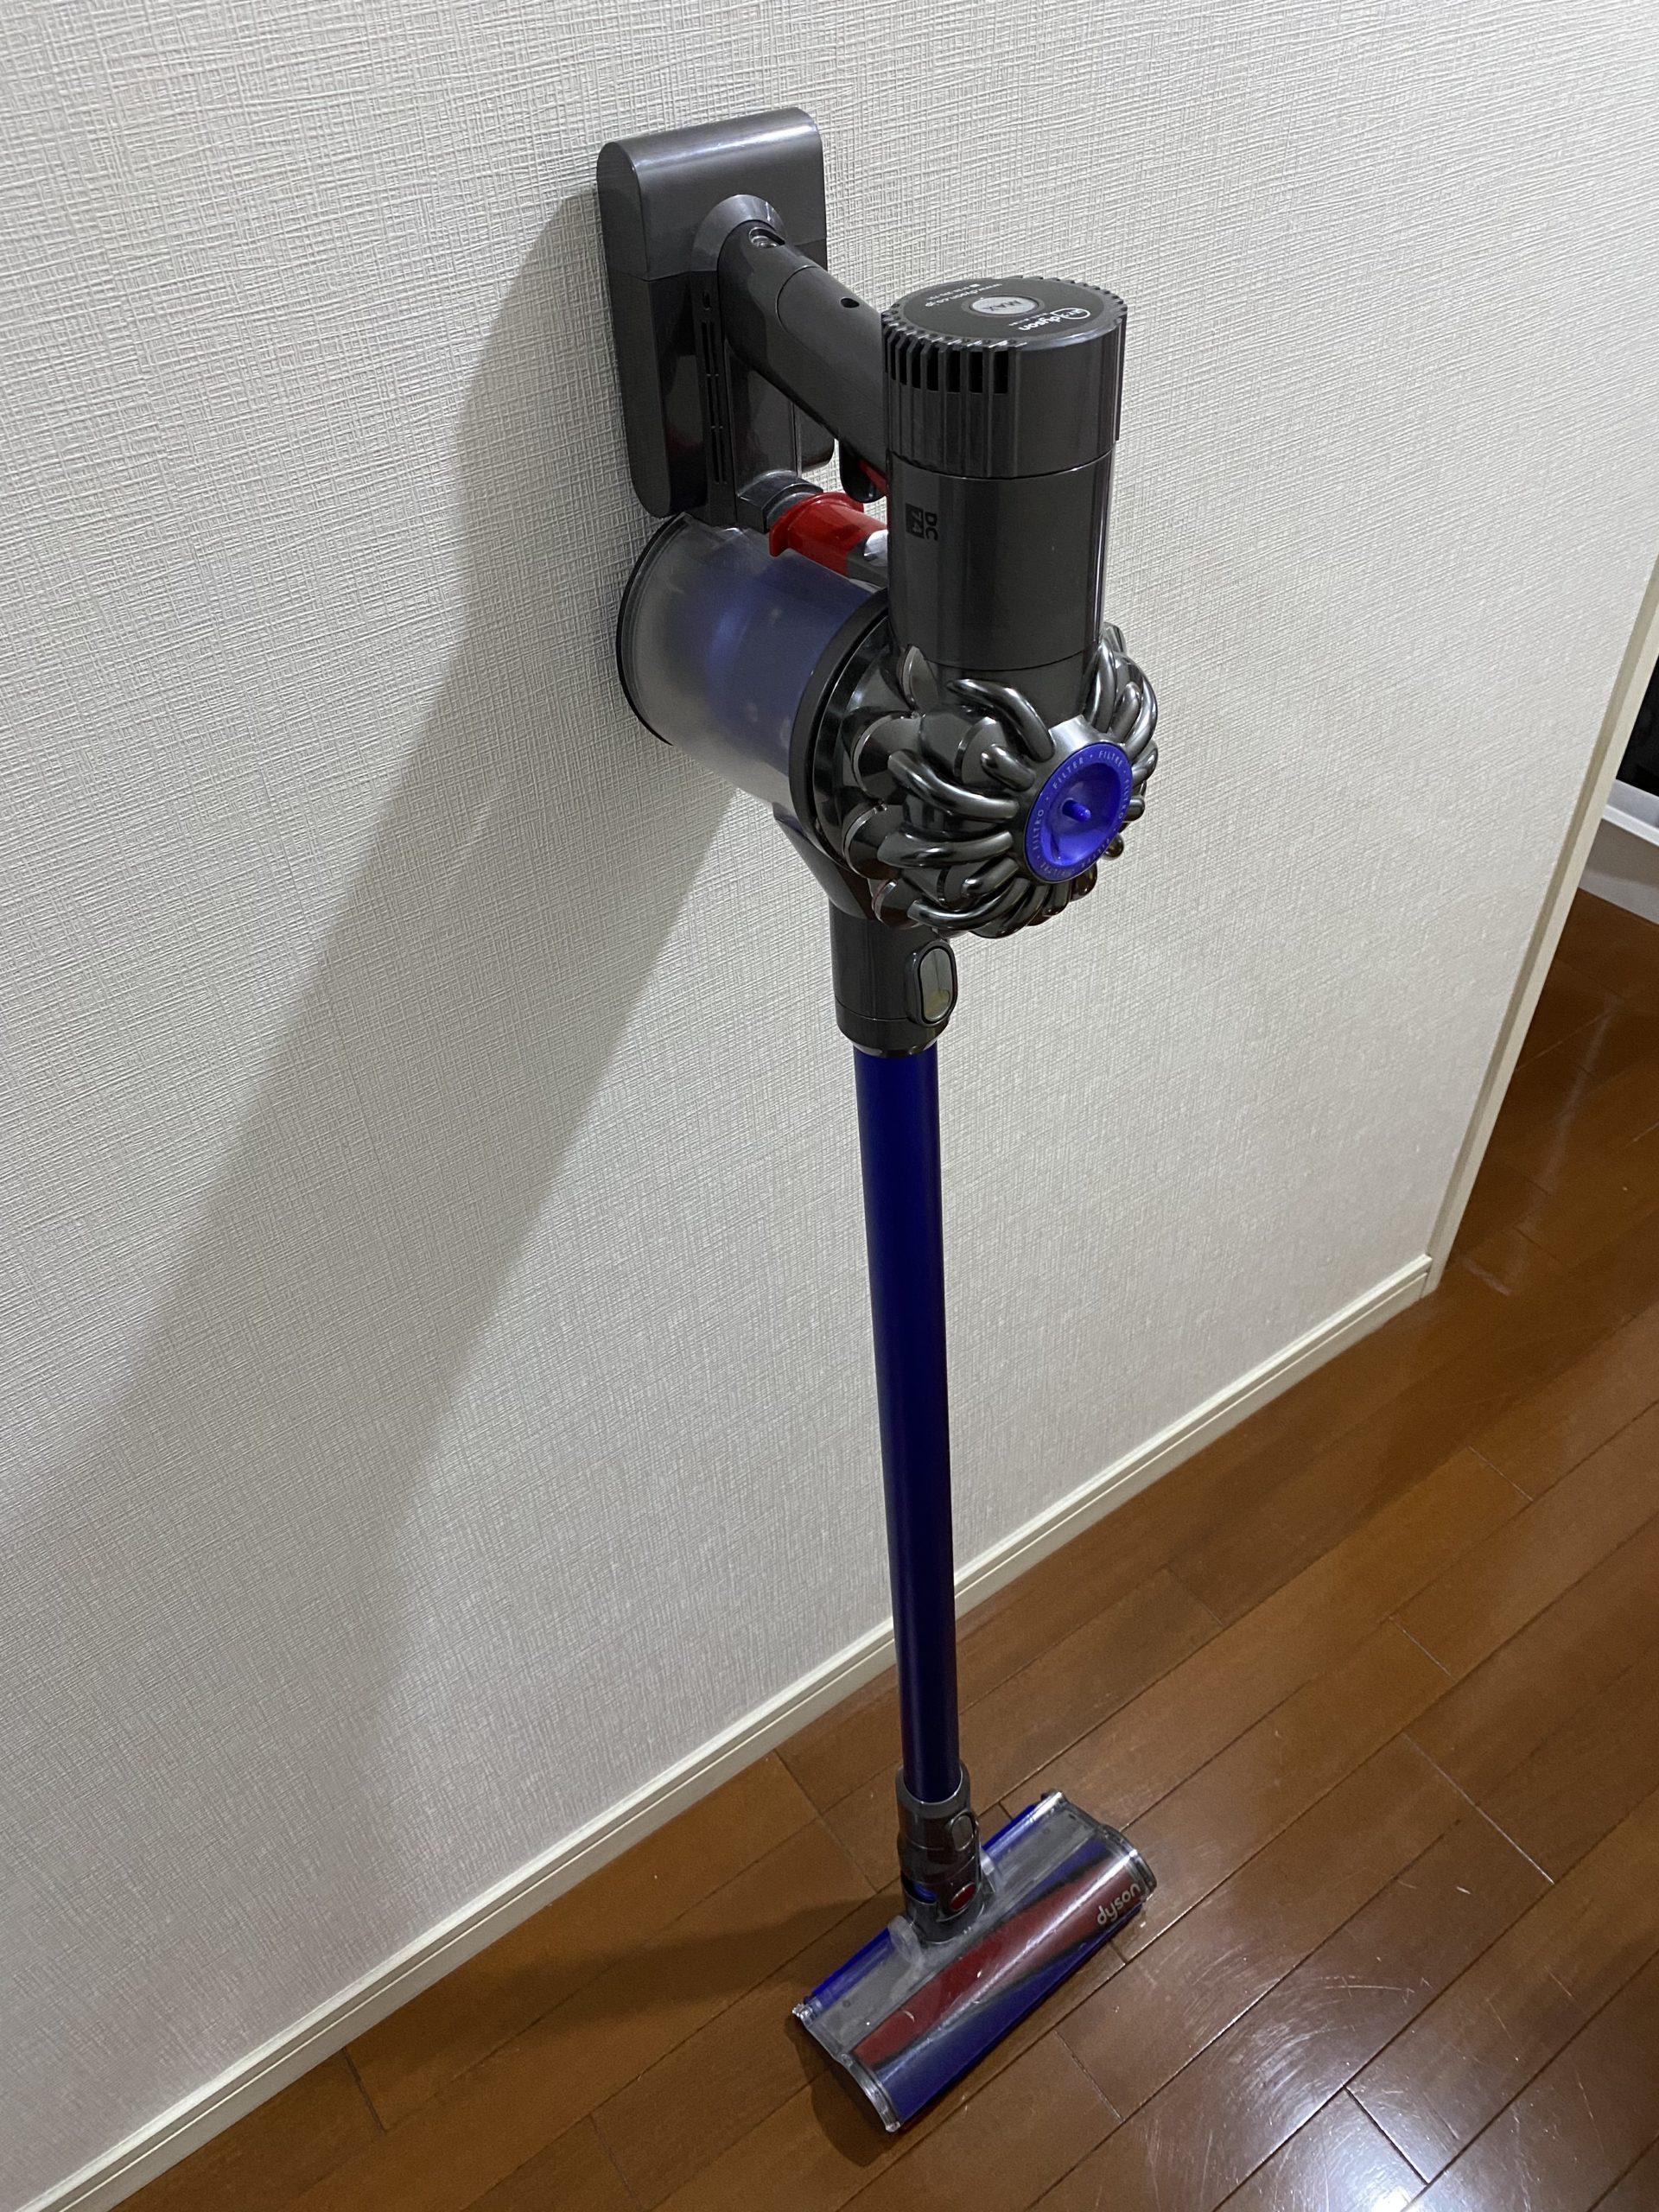 コードレスサイクロン式掃除機